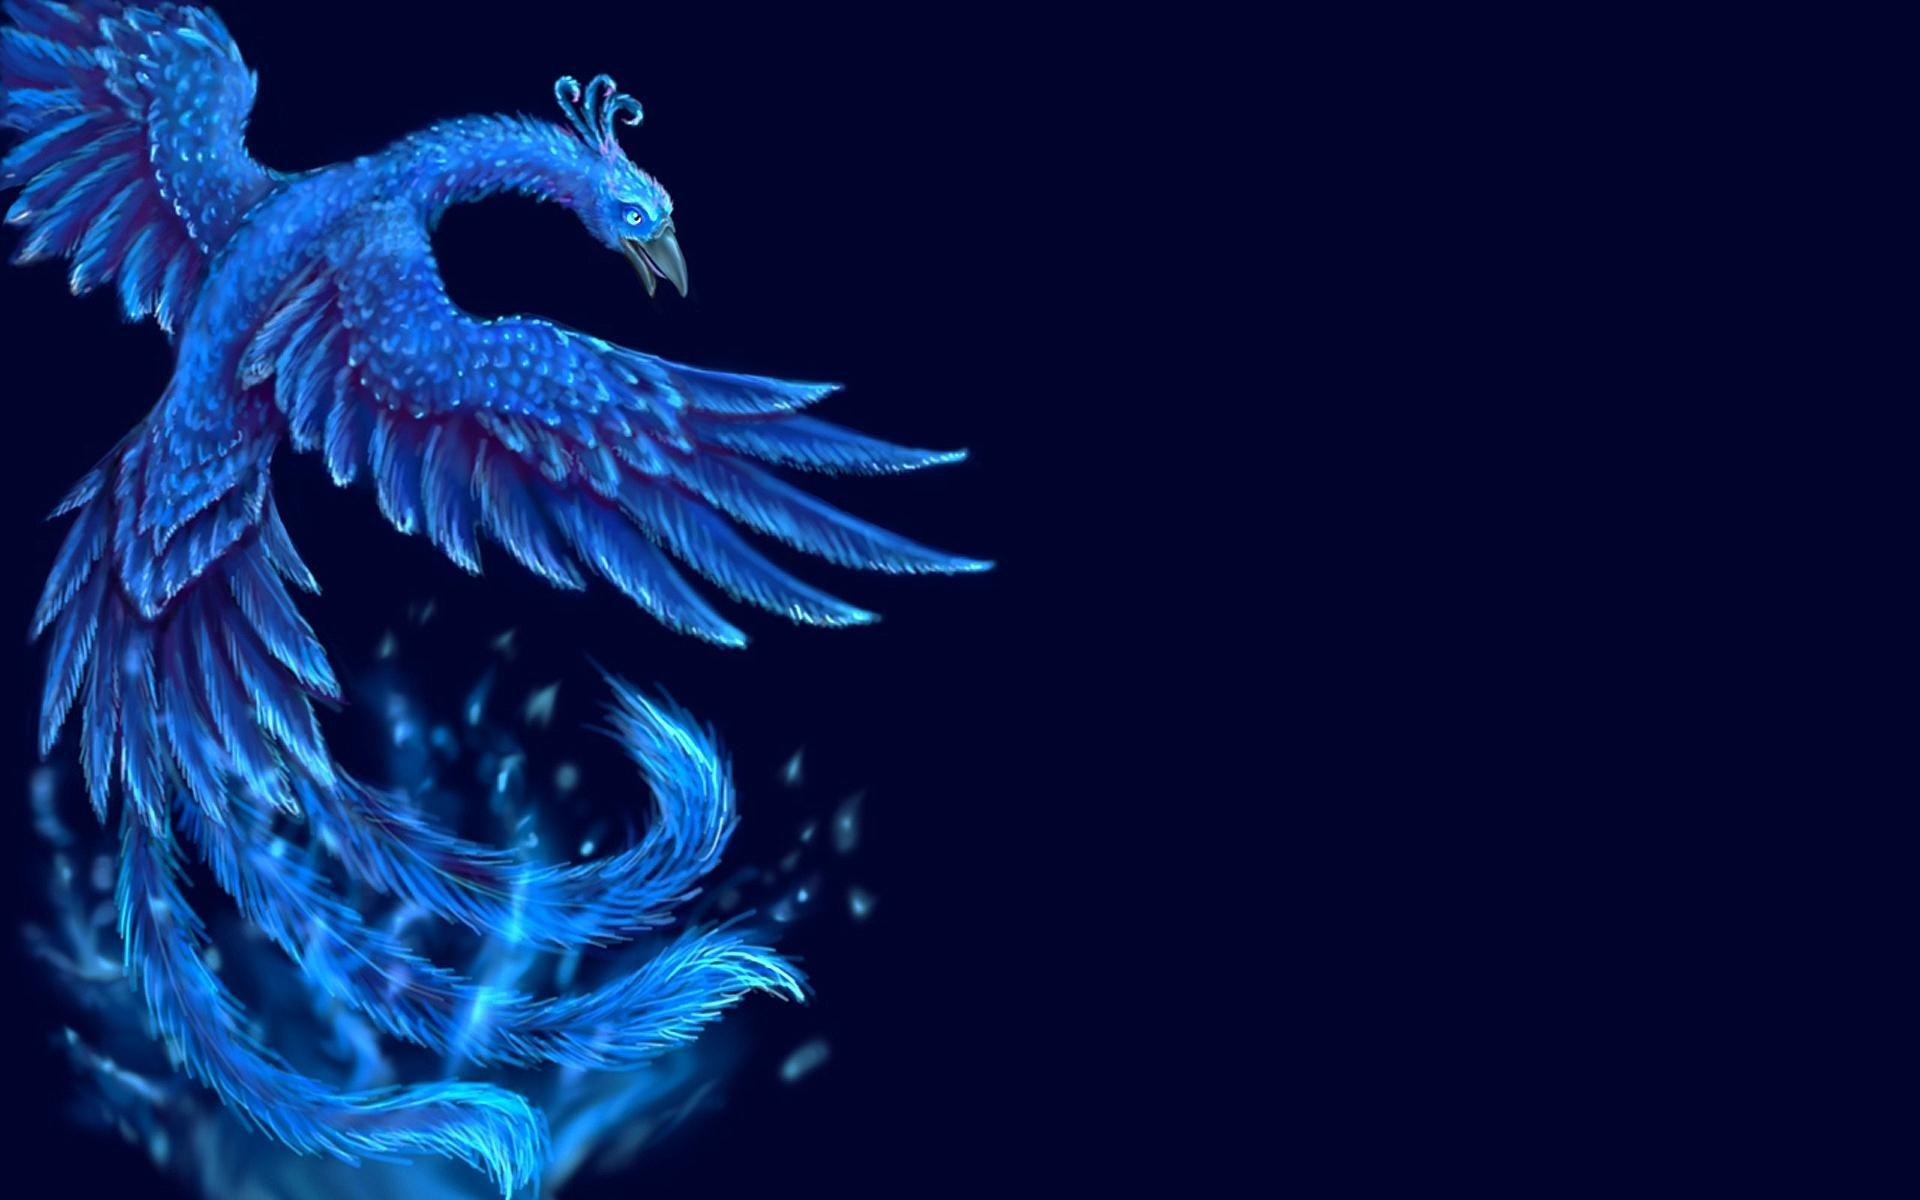 Blue Phoenix Wallpapers HD.